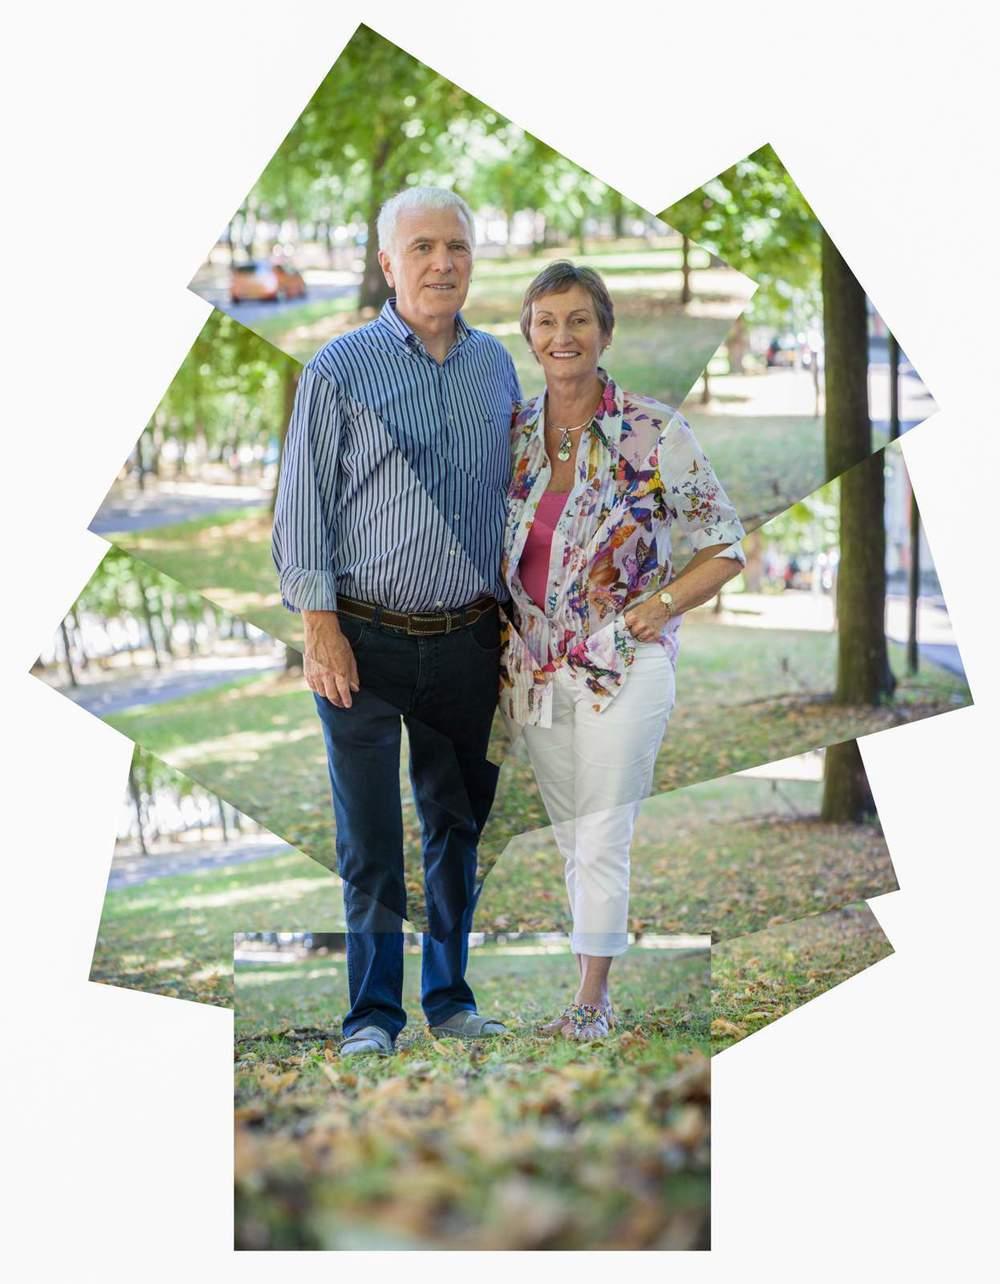 mexico-fotografo-retrato-boda-familia-montage-portrait-borrelli (57).jpg